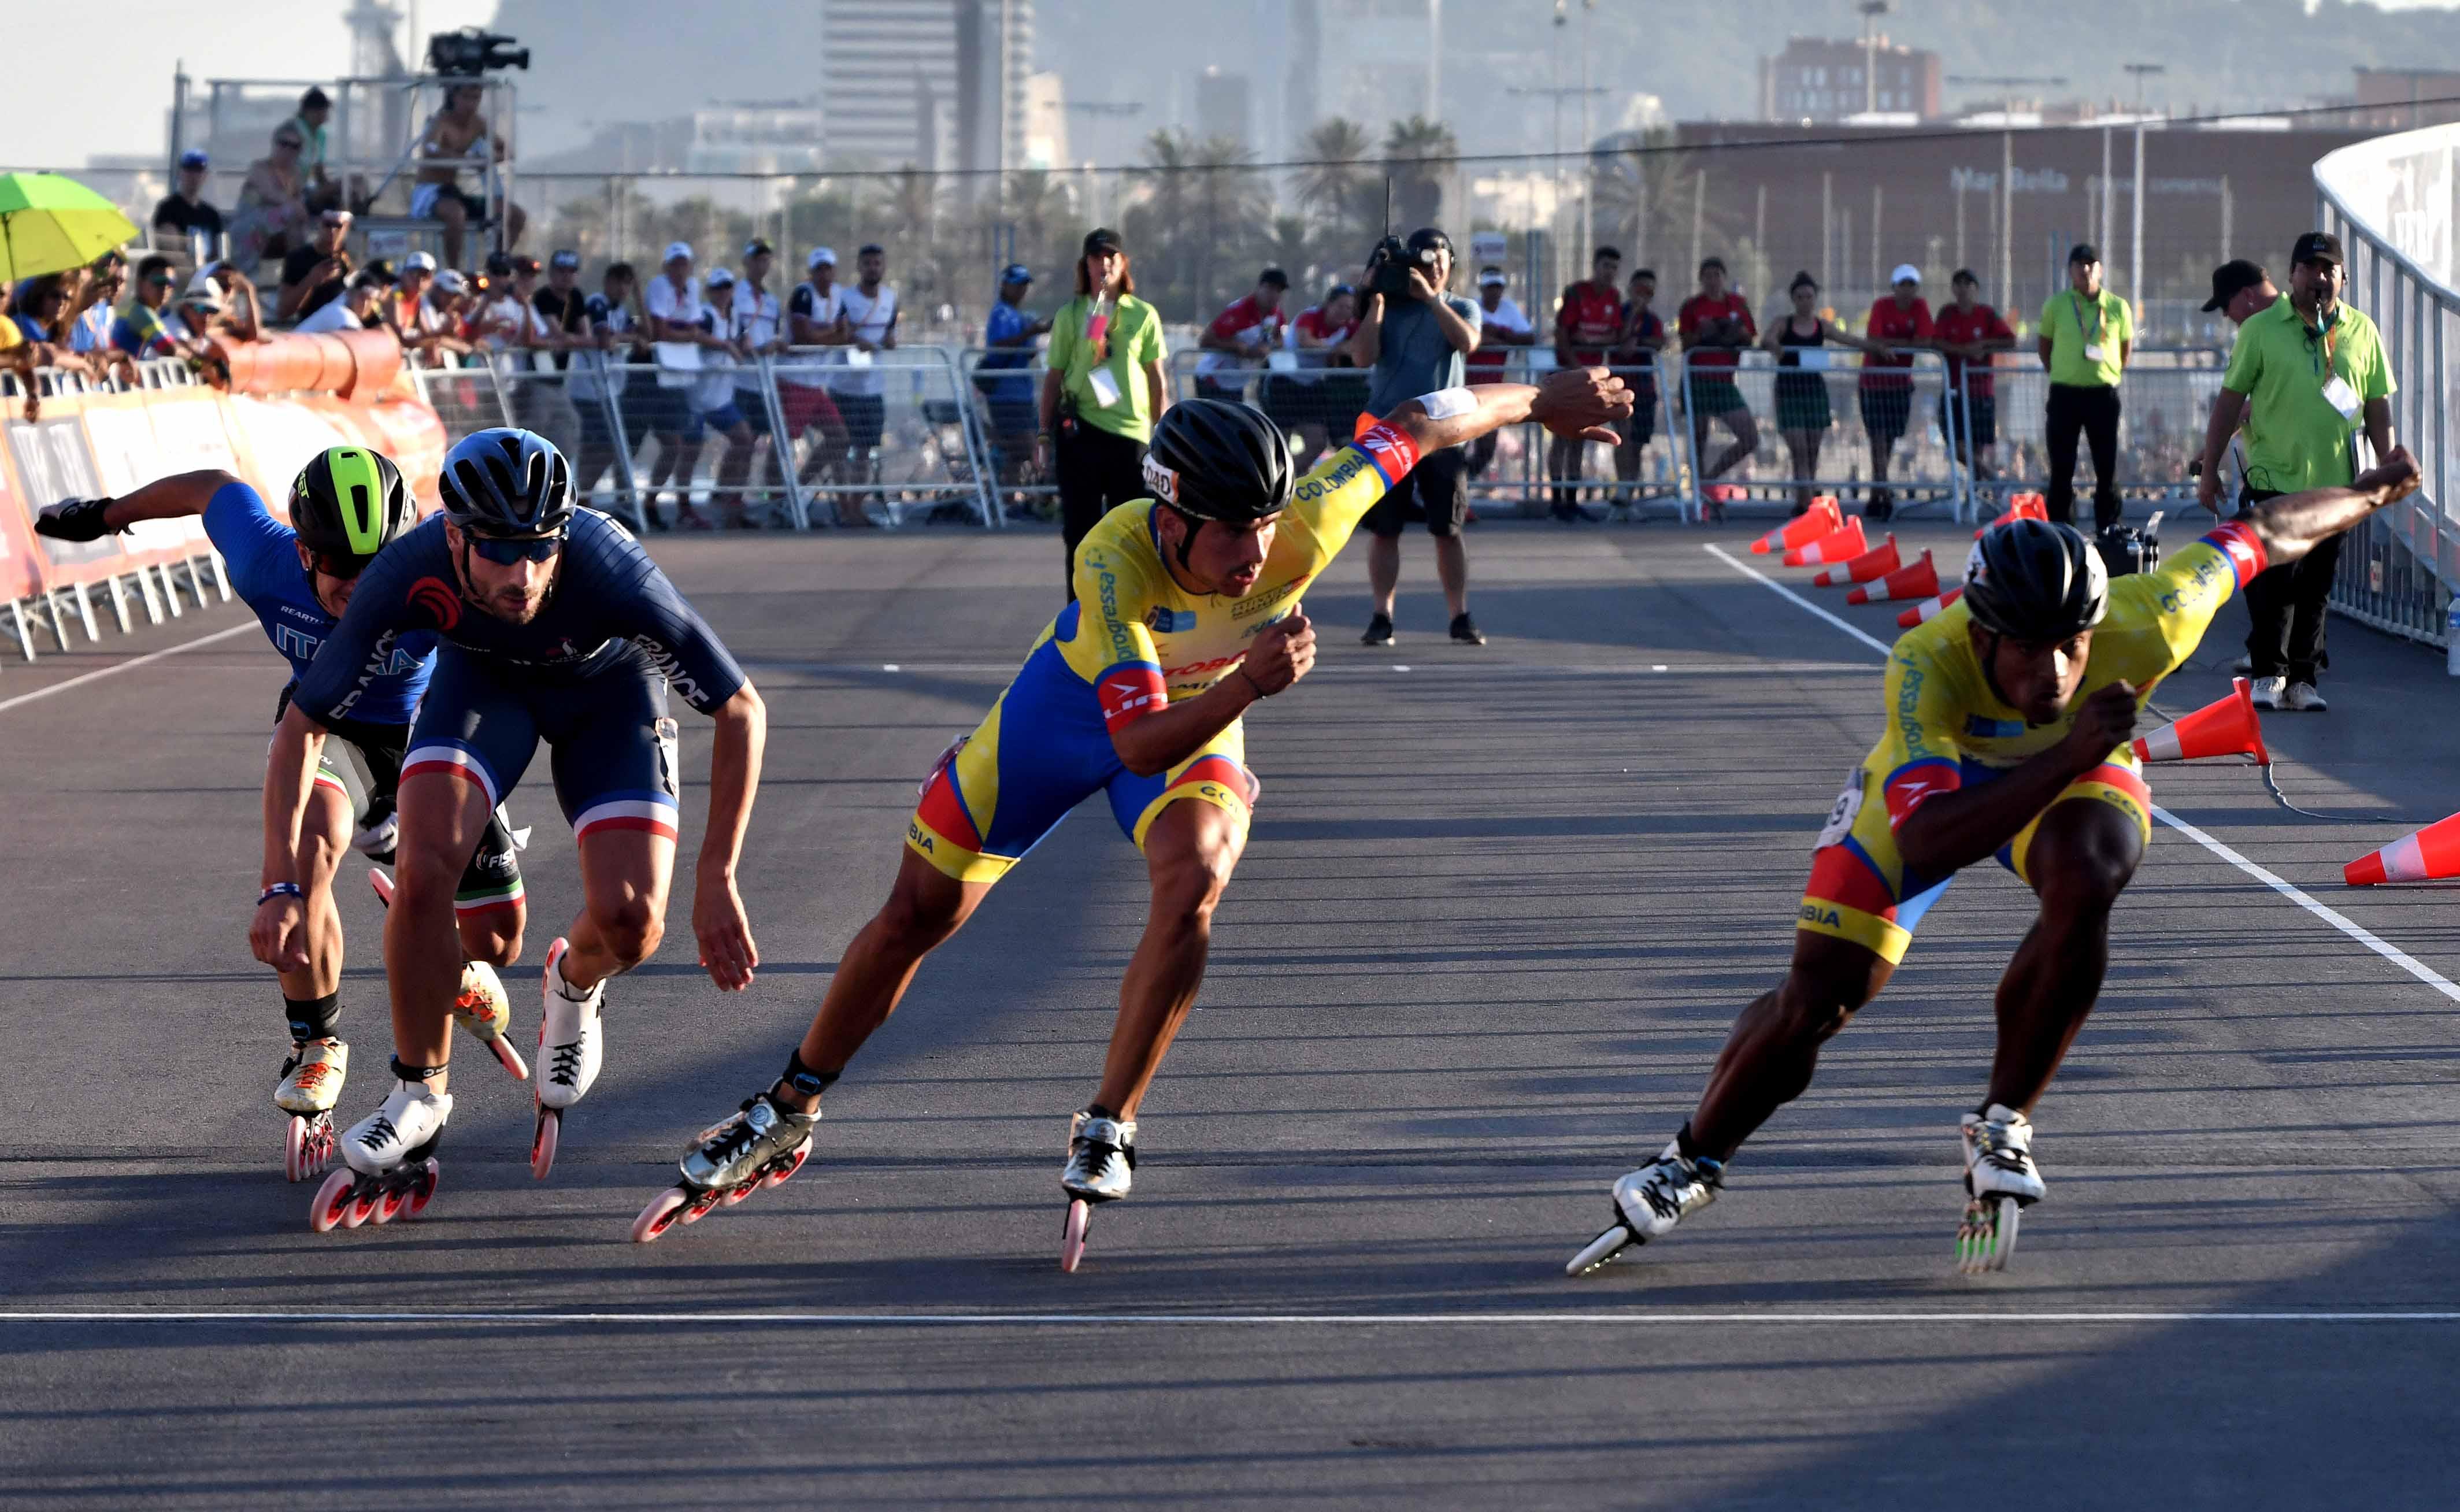 Colombia sumó otras cuatro medallas World Roller Games | EL FRENTE